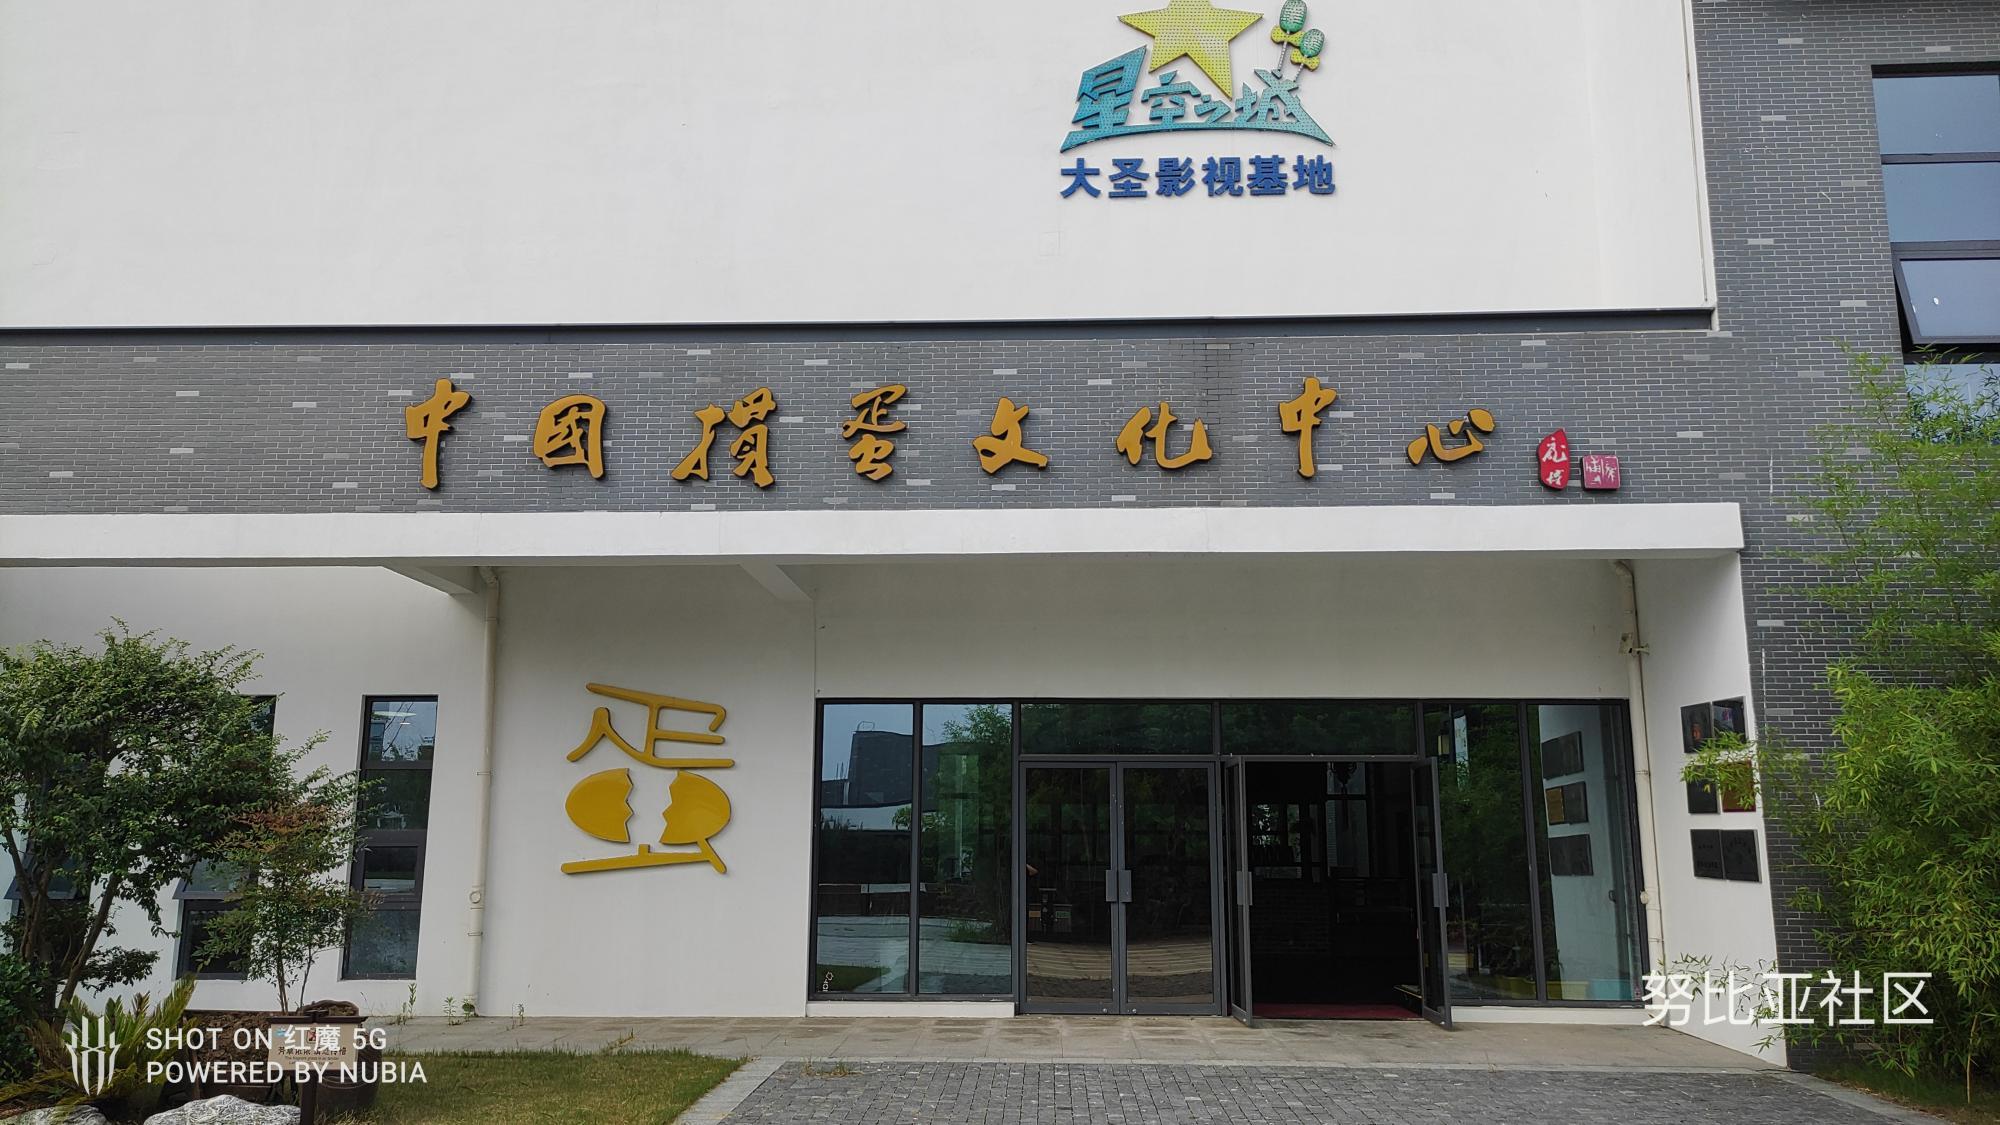 掼蛋文化中心门口